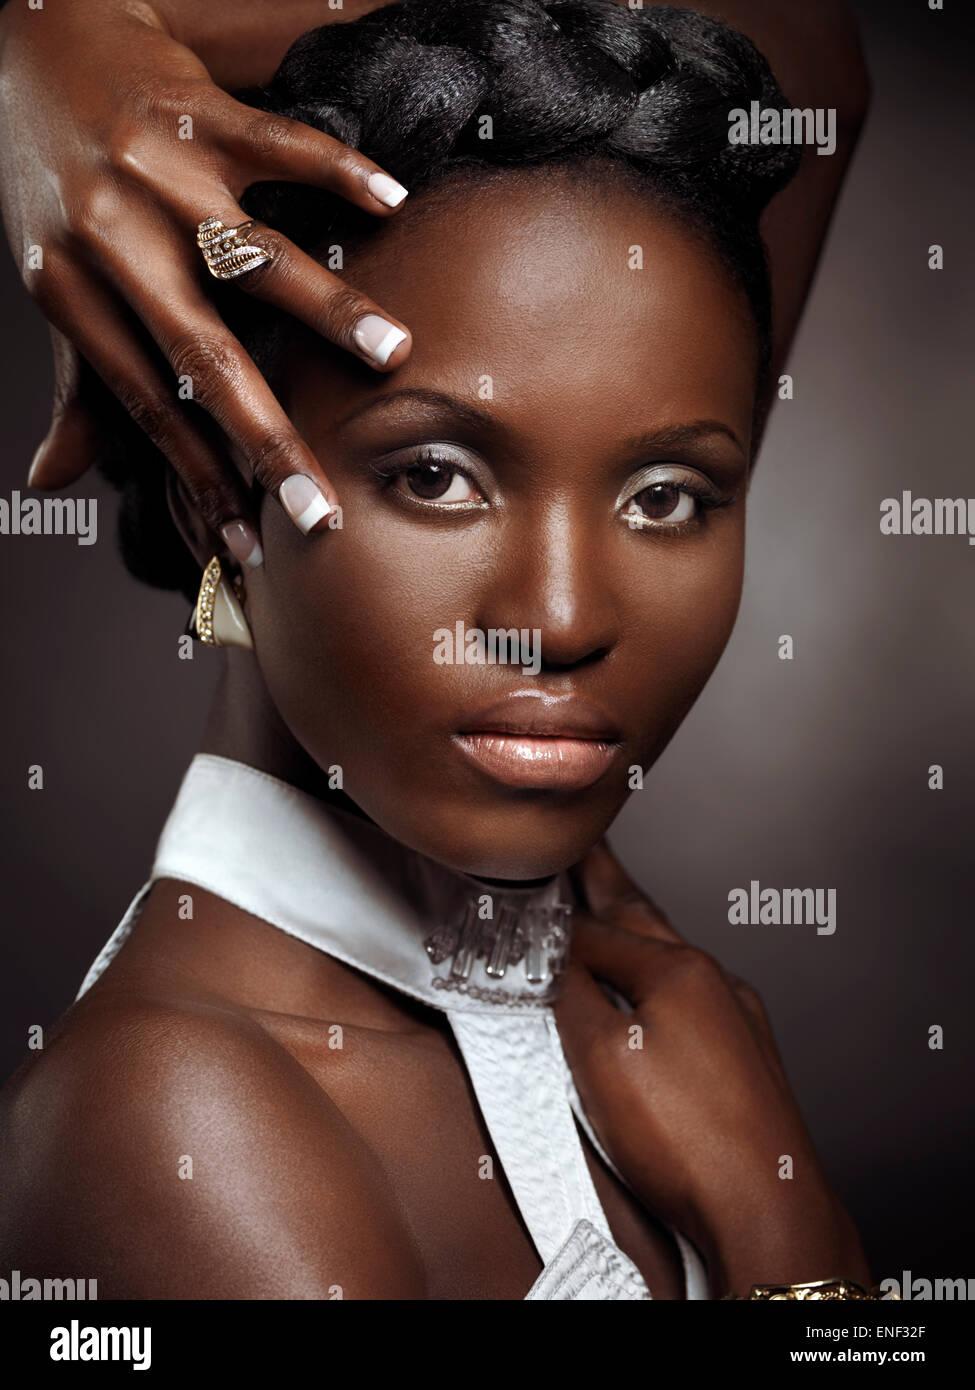 Joven y bella mujer afroamericana belleza artística retrato aislado sobre fondo negro Imagen De Stock